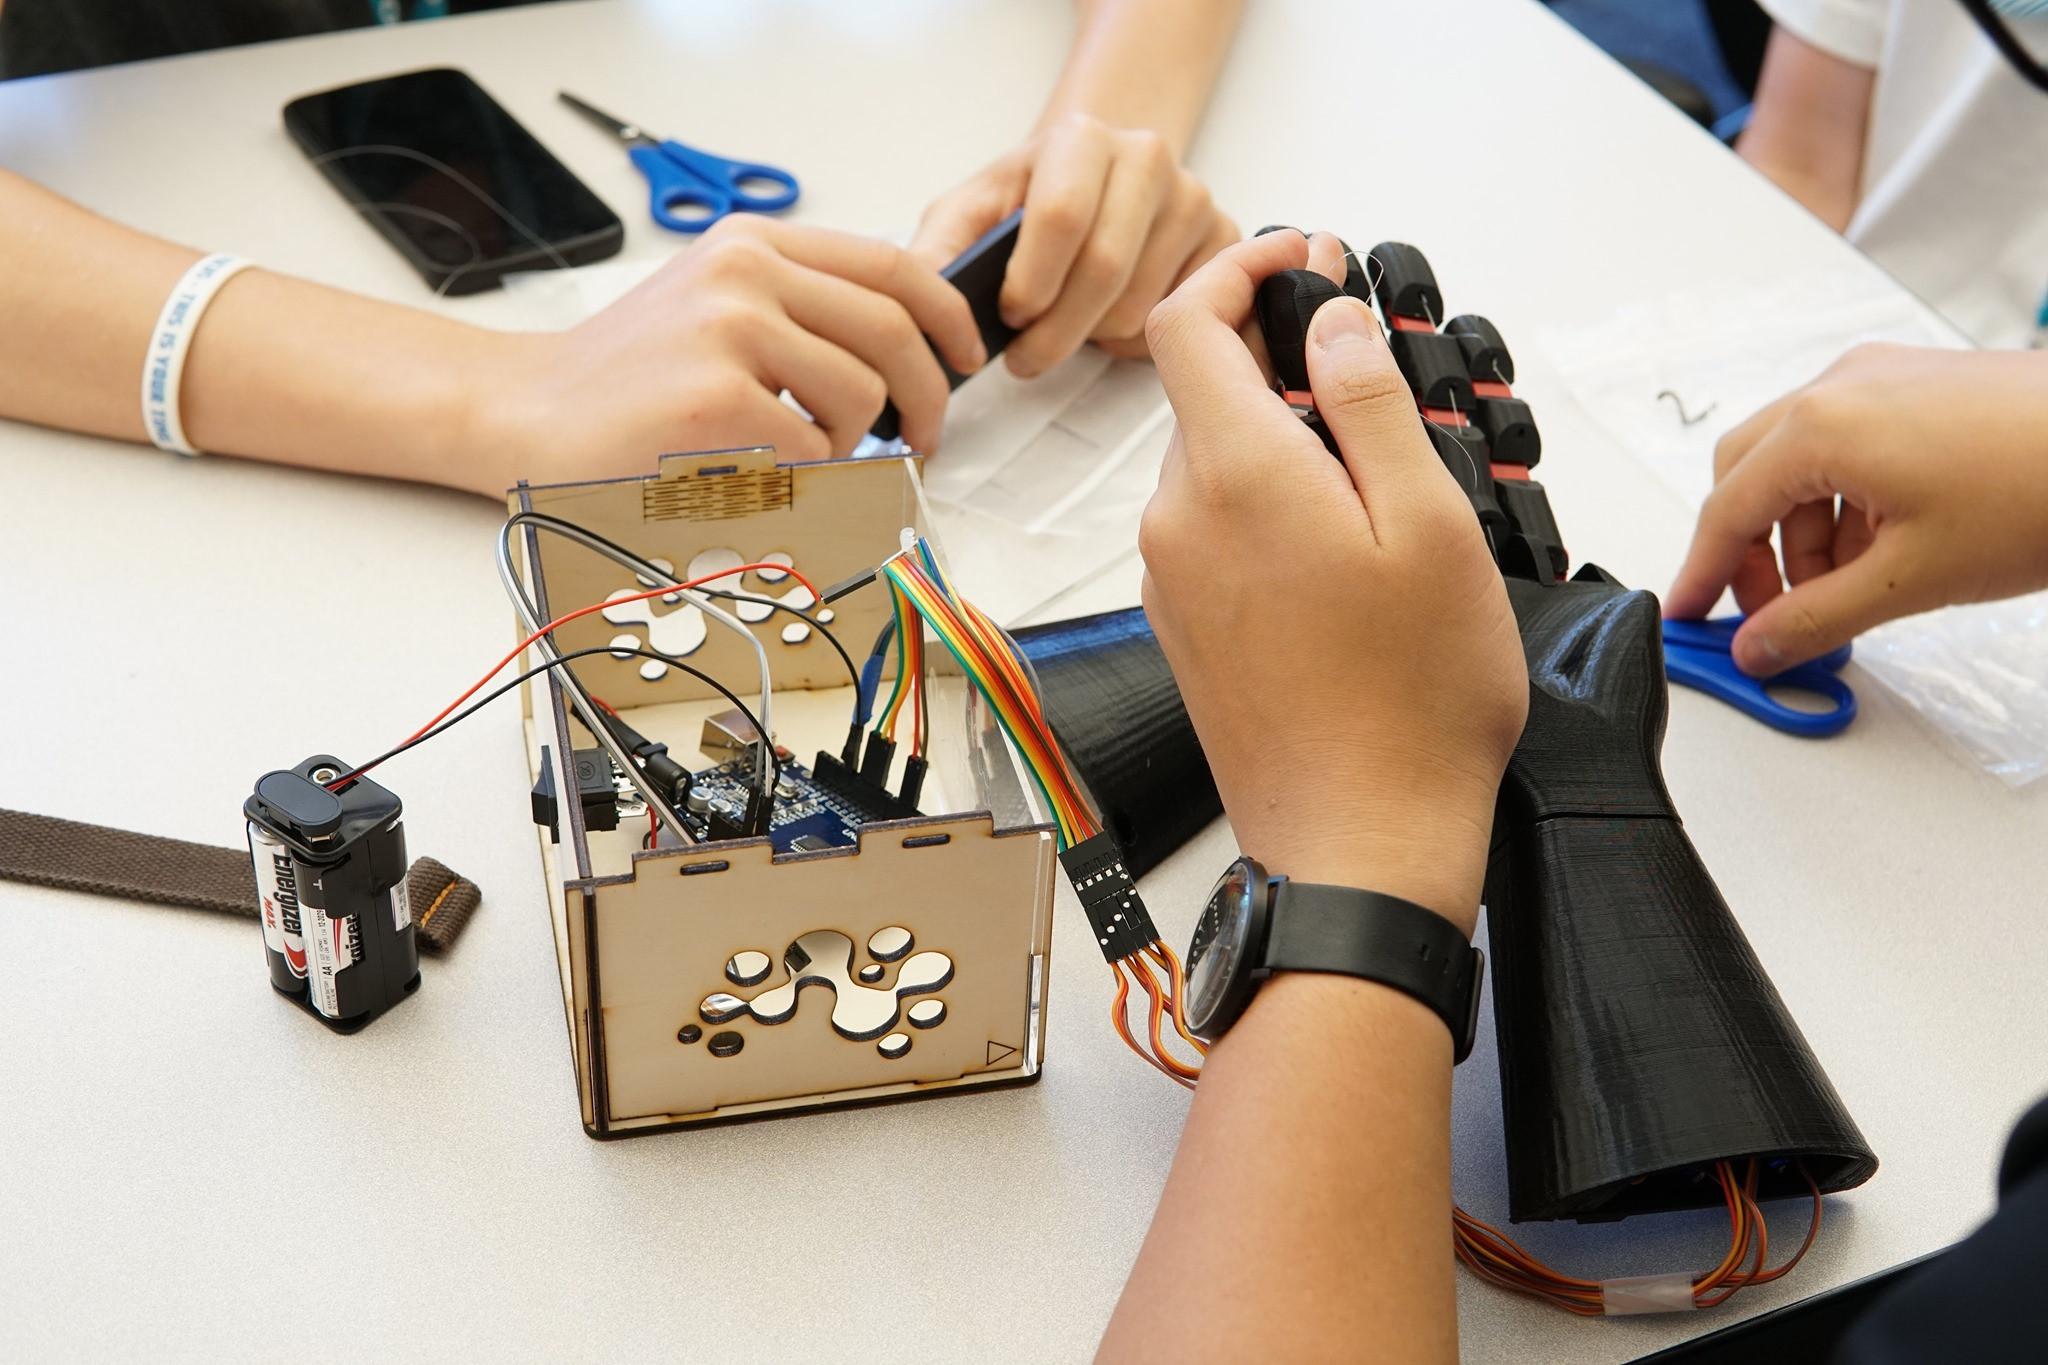 NeuroMaker Robot Hand Experience